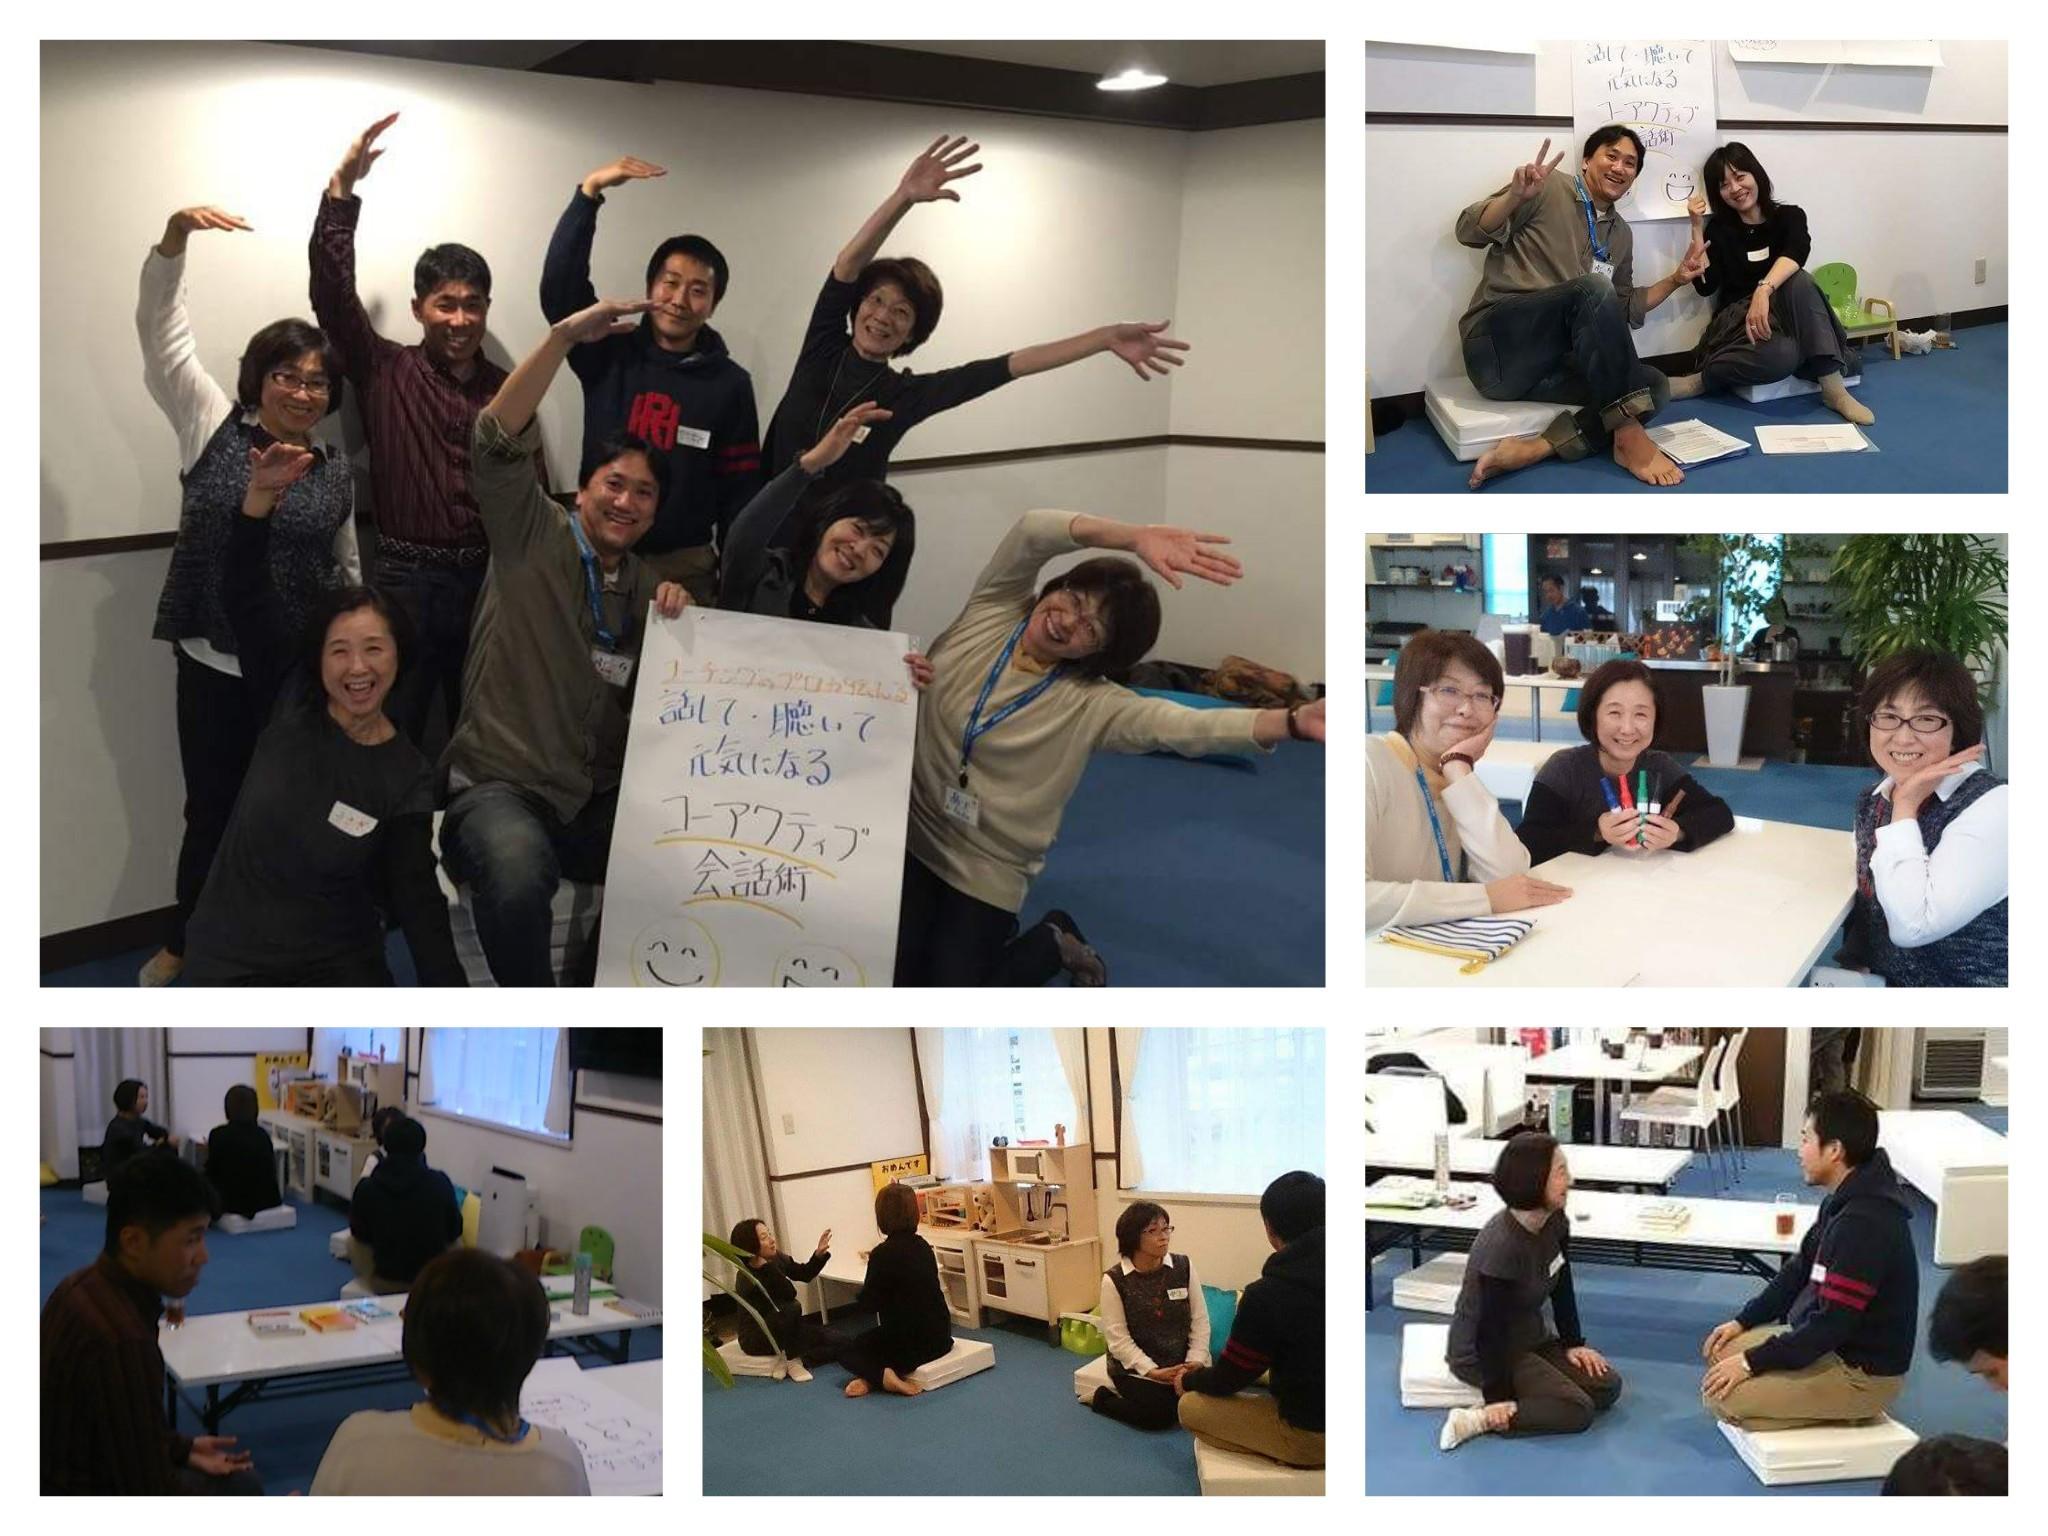 【報告】(2015/11/8) コーアクティブ会話術 in 青森 を開催しました